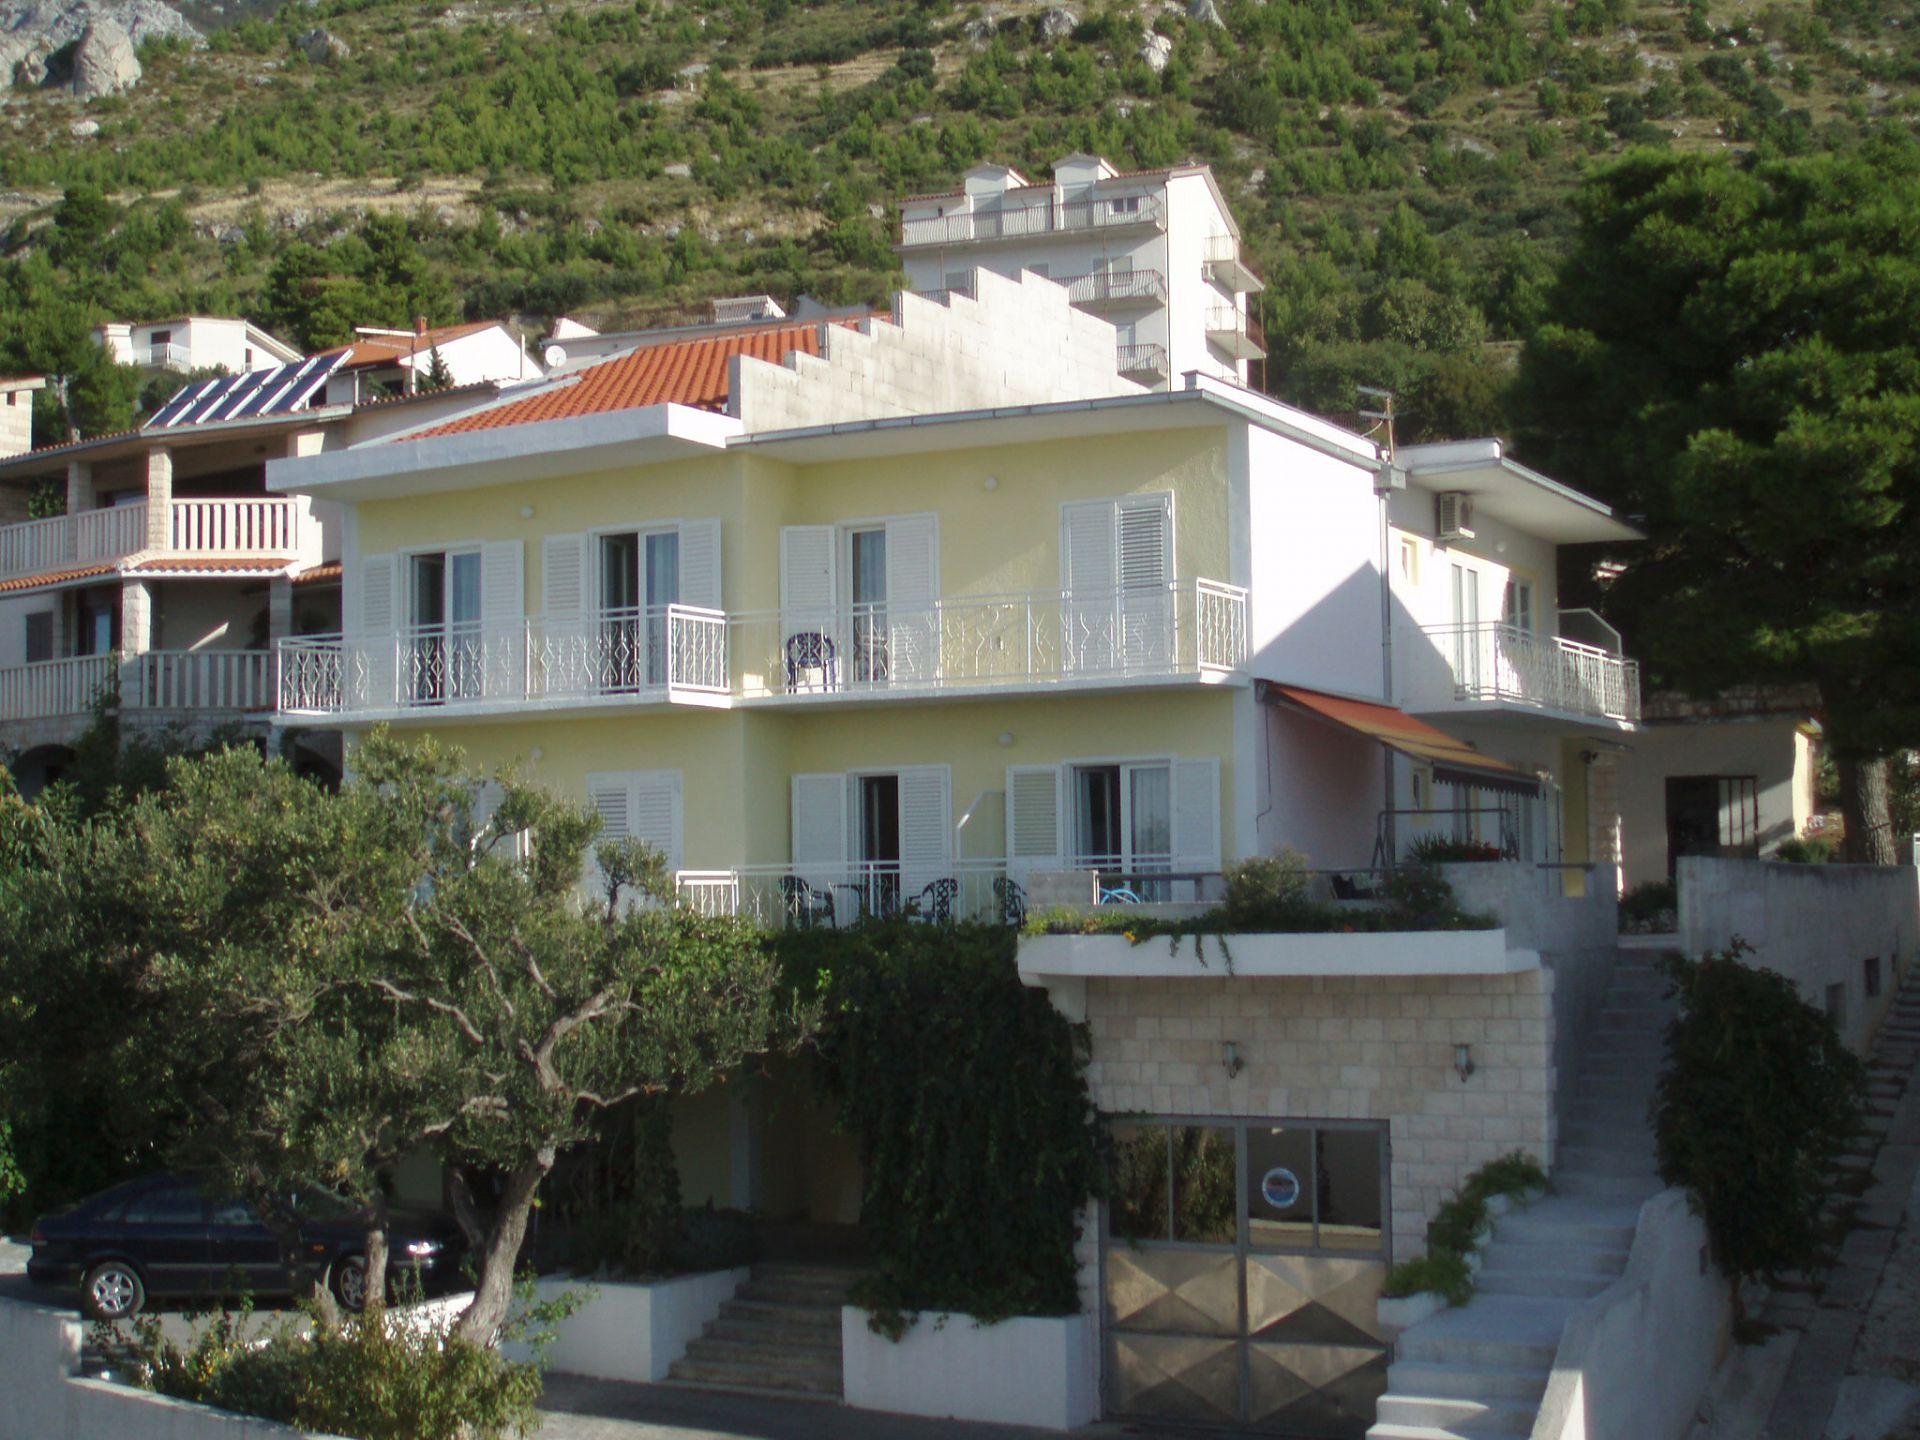 01213BVOD  - Baska Voda - Appartamenti Croazia